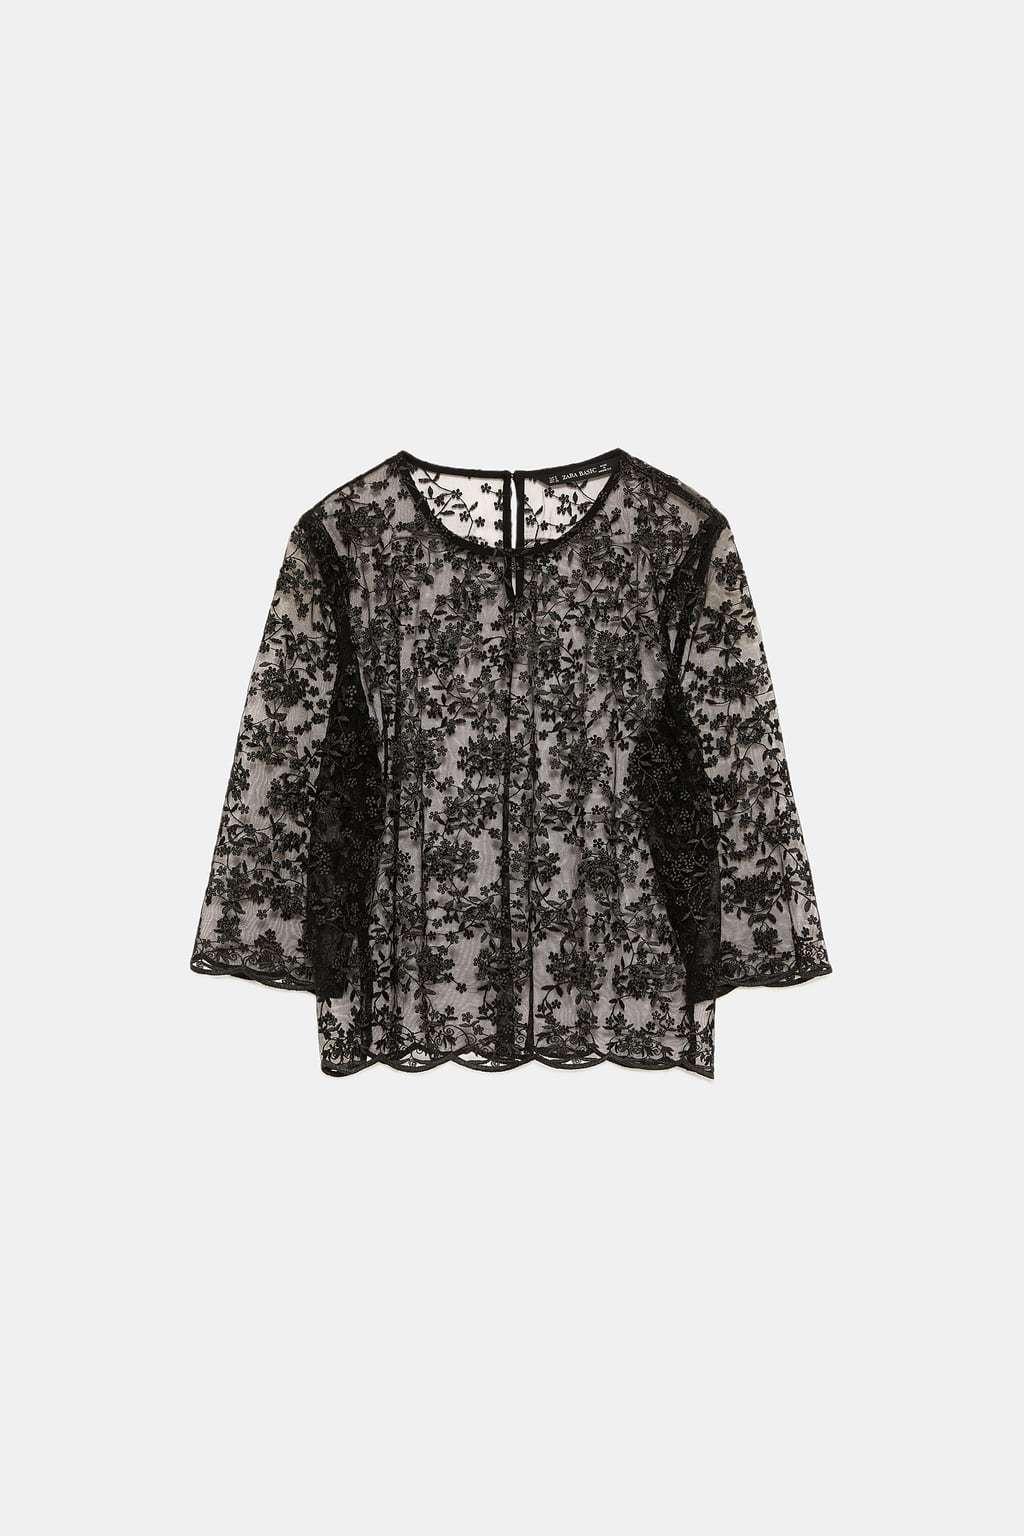 Cuerpo de tul bordado, de Zara  25,95 euros